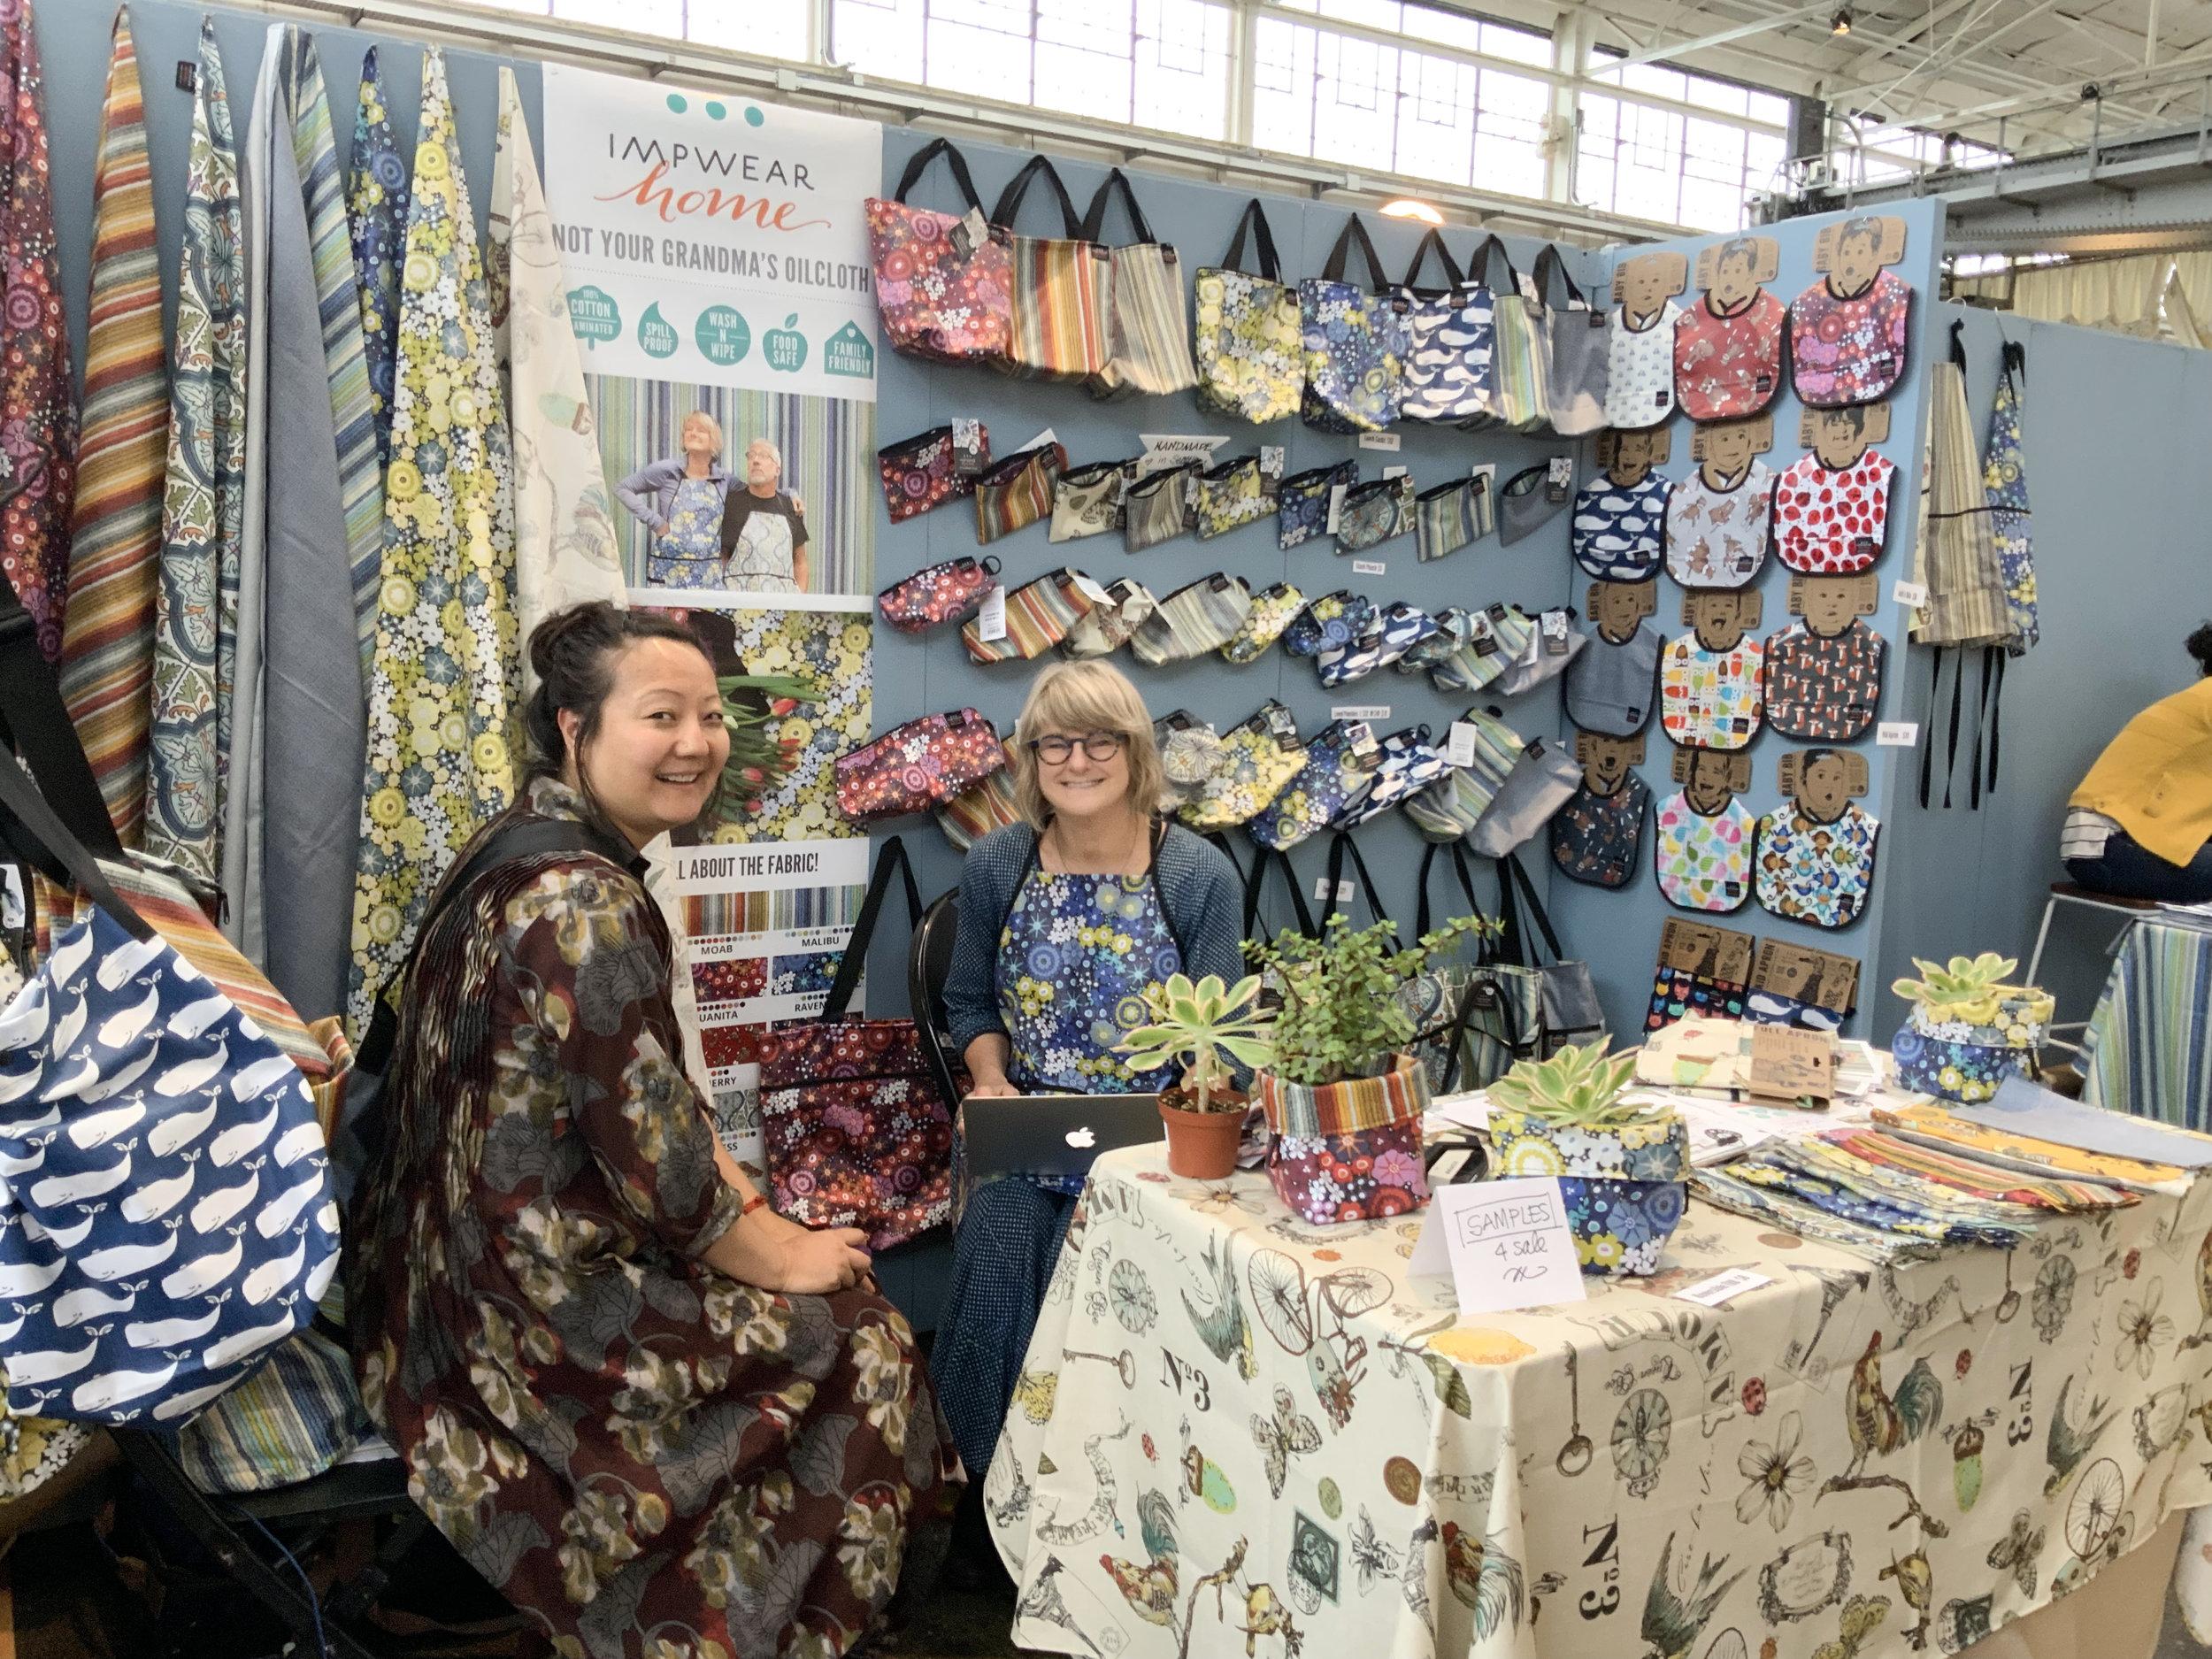 Impwear Home Photo Jan 08, 2 54 38 PM.jpg